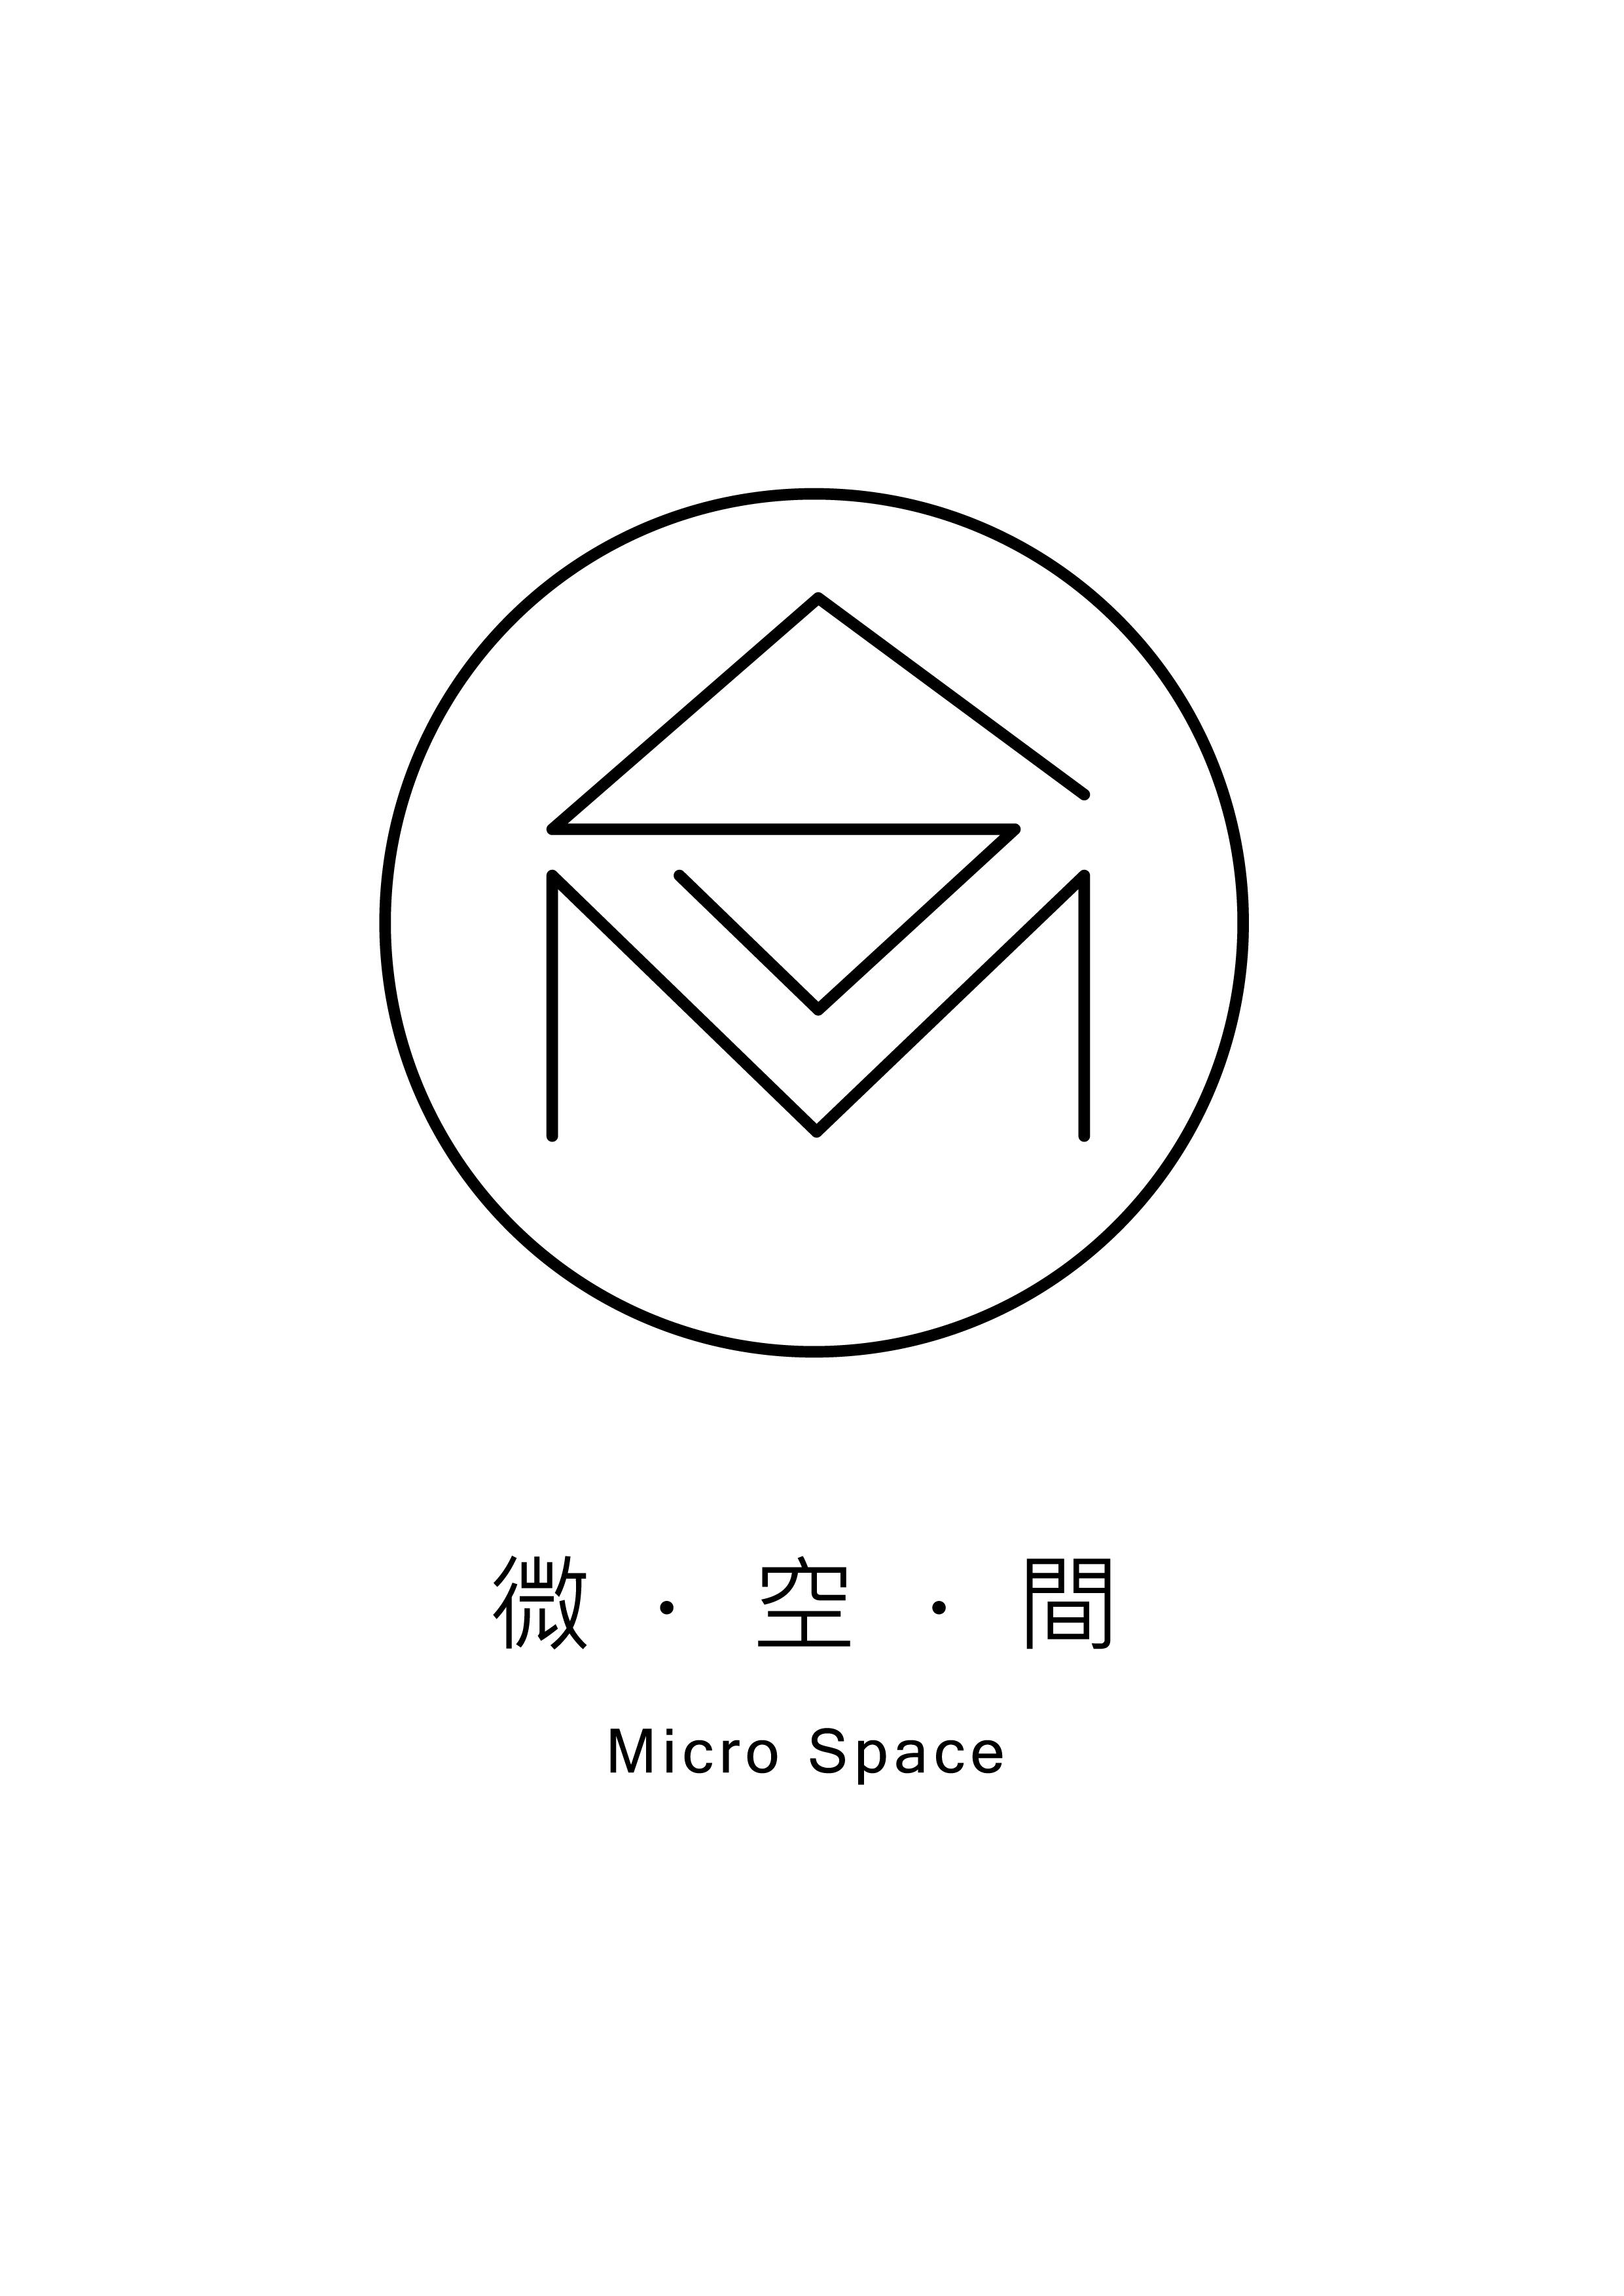 微空間創意設計